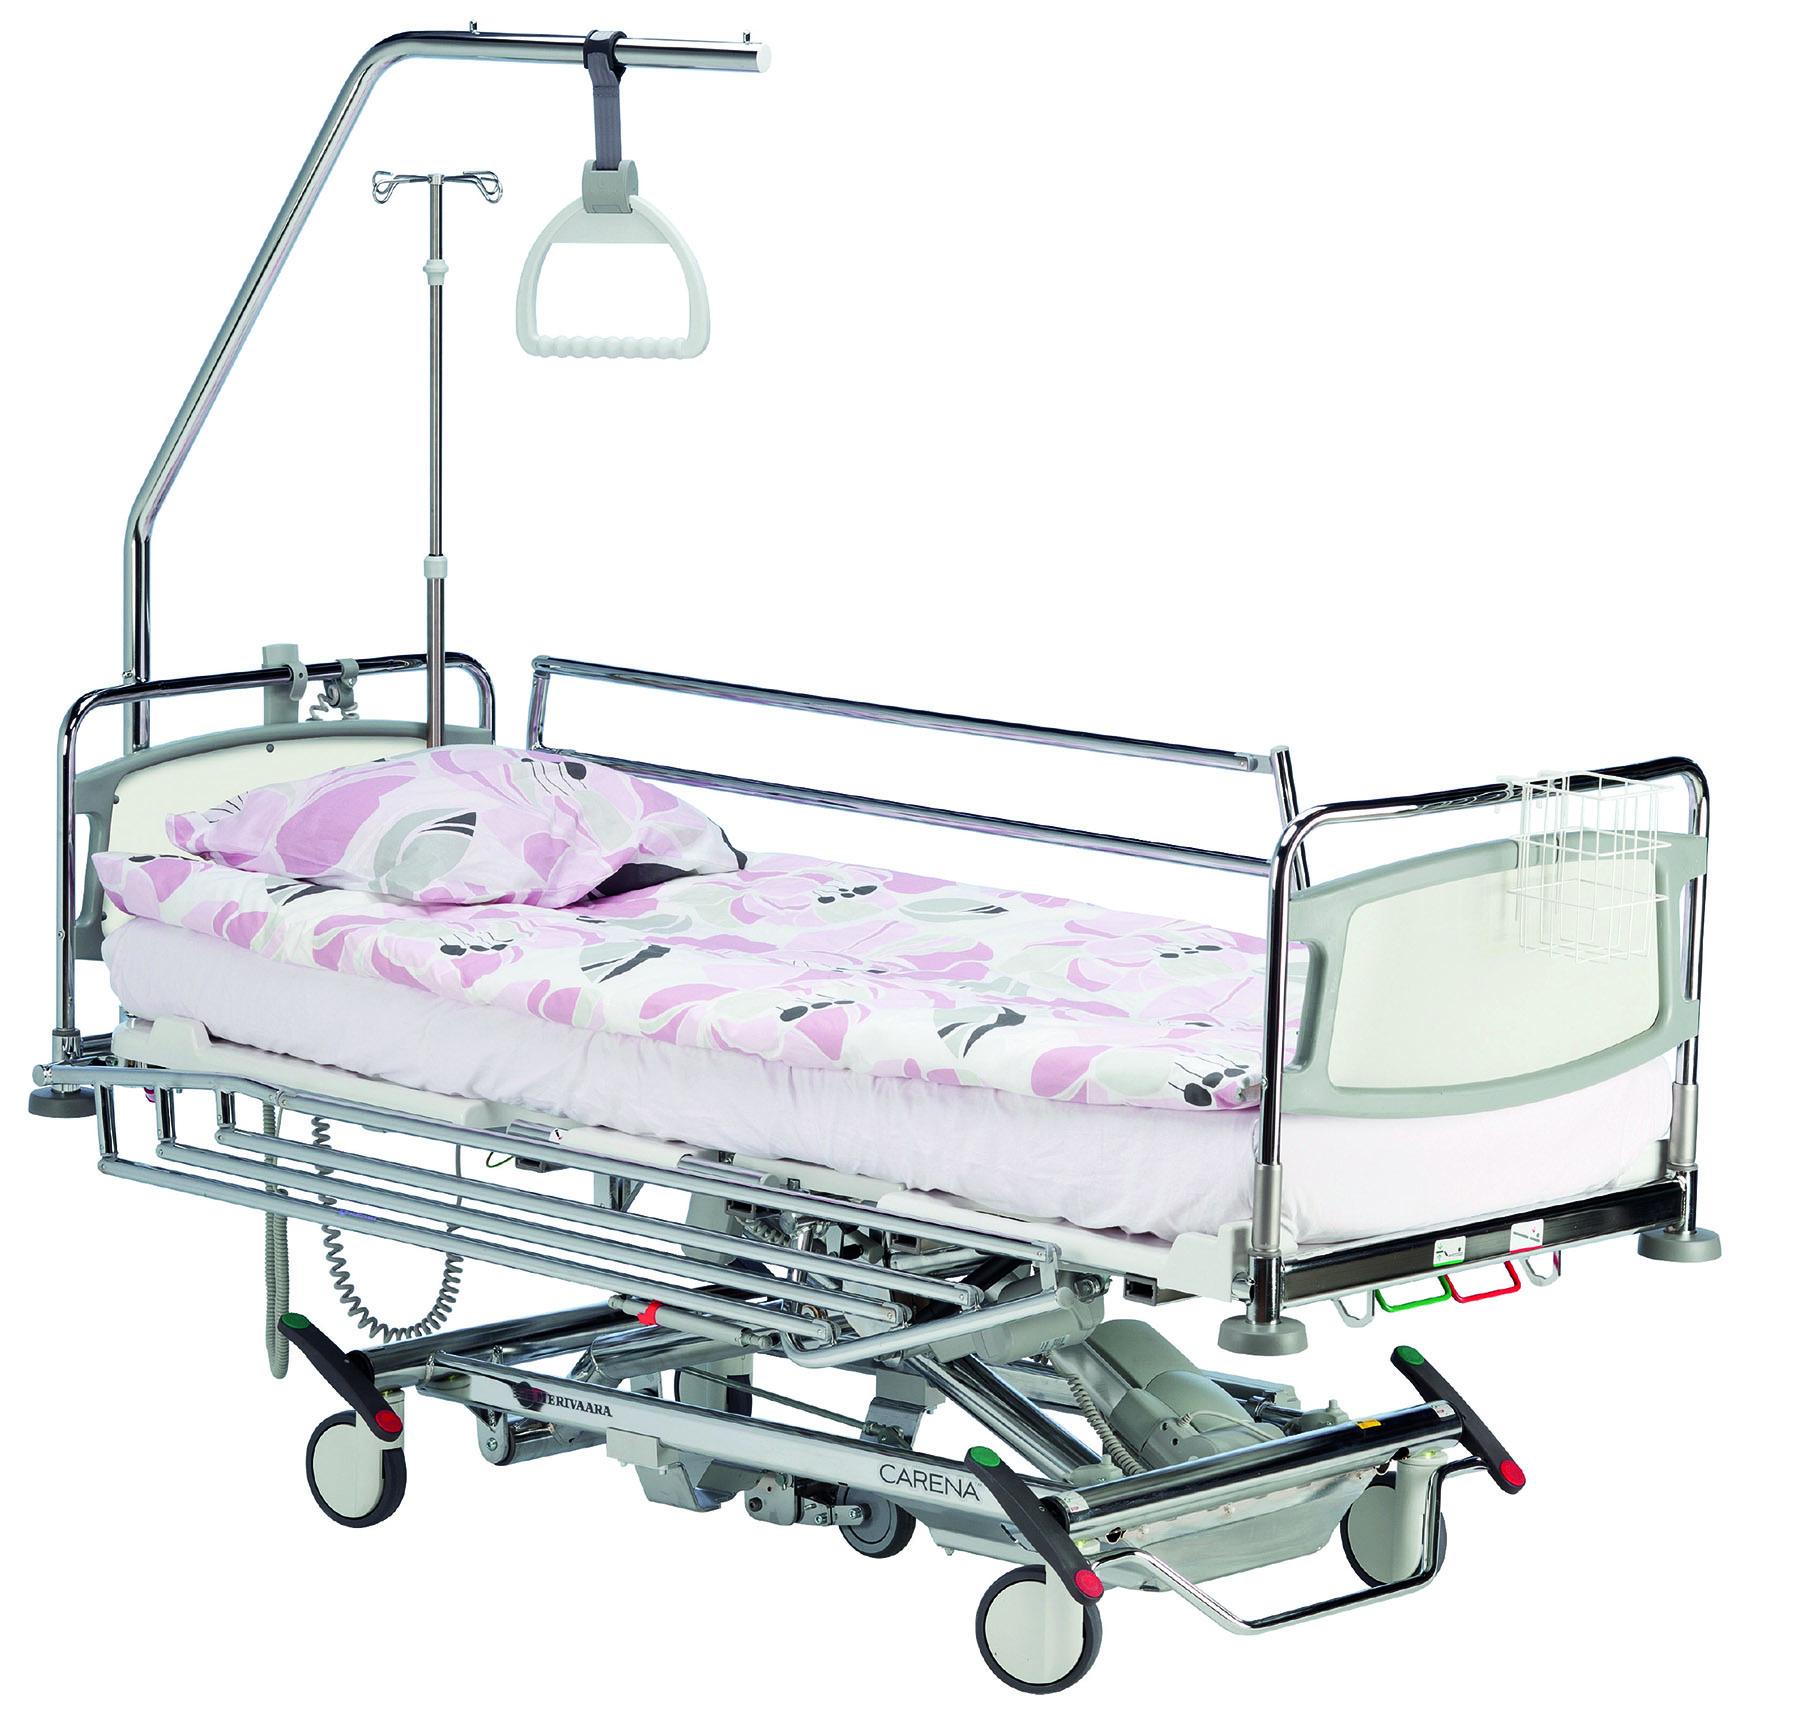 Ziekenhuisbedden - One Day Surgery